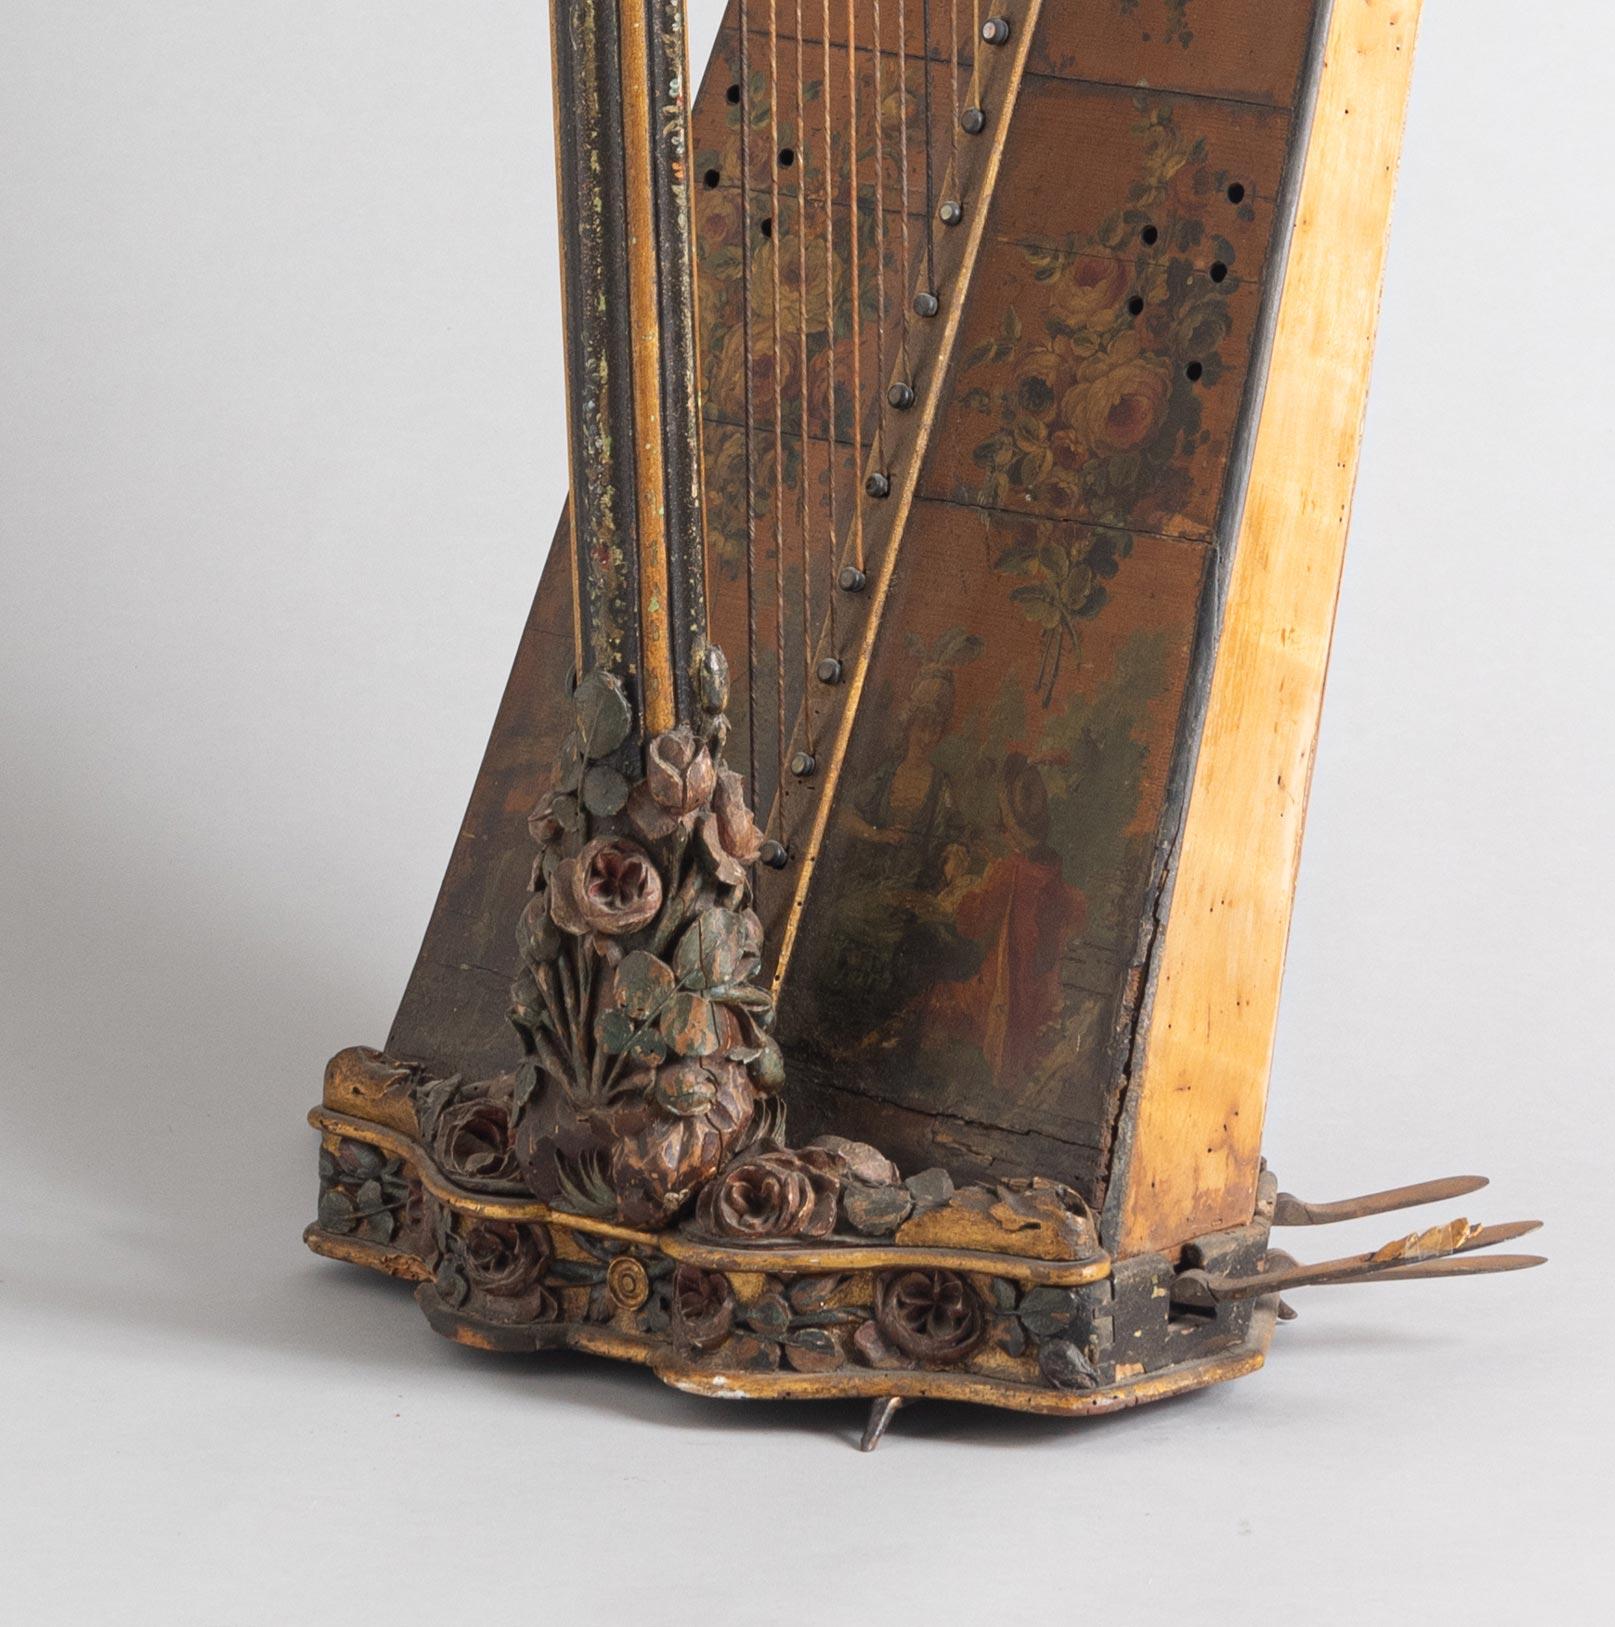 Harpe Holtzman, 1775